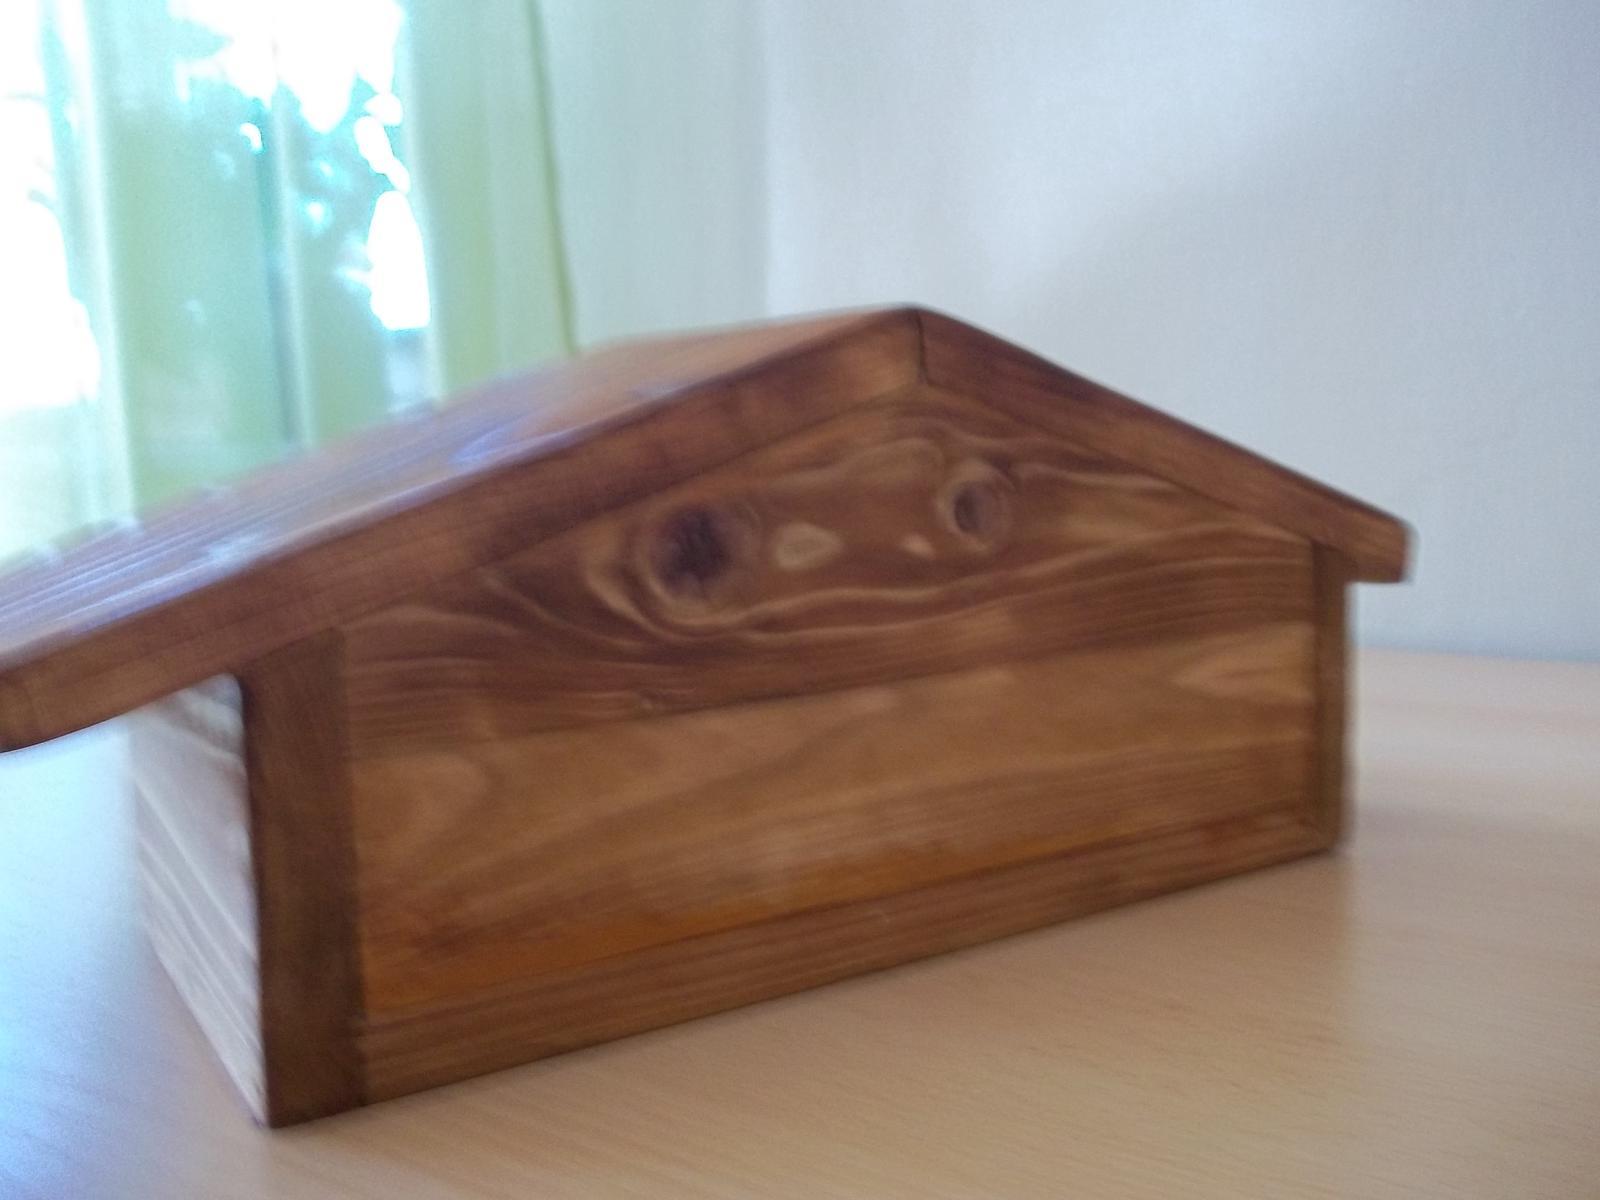 Búdka pre vtáčiky,vrátane poštovného - Obrázok č. 3